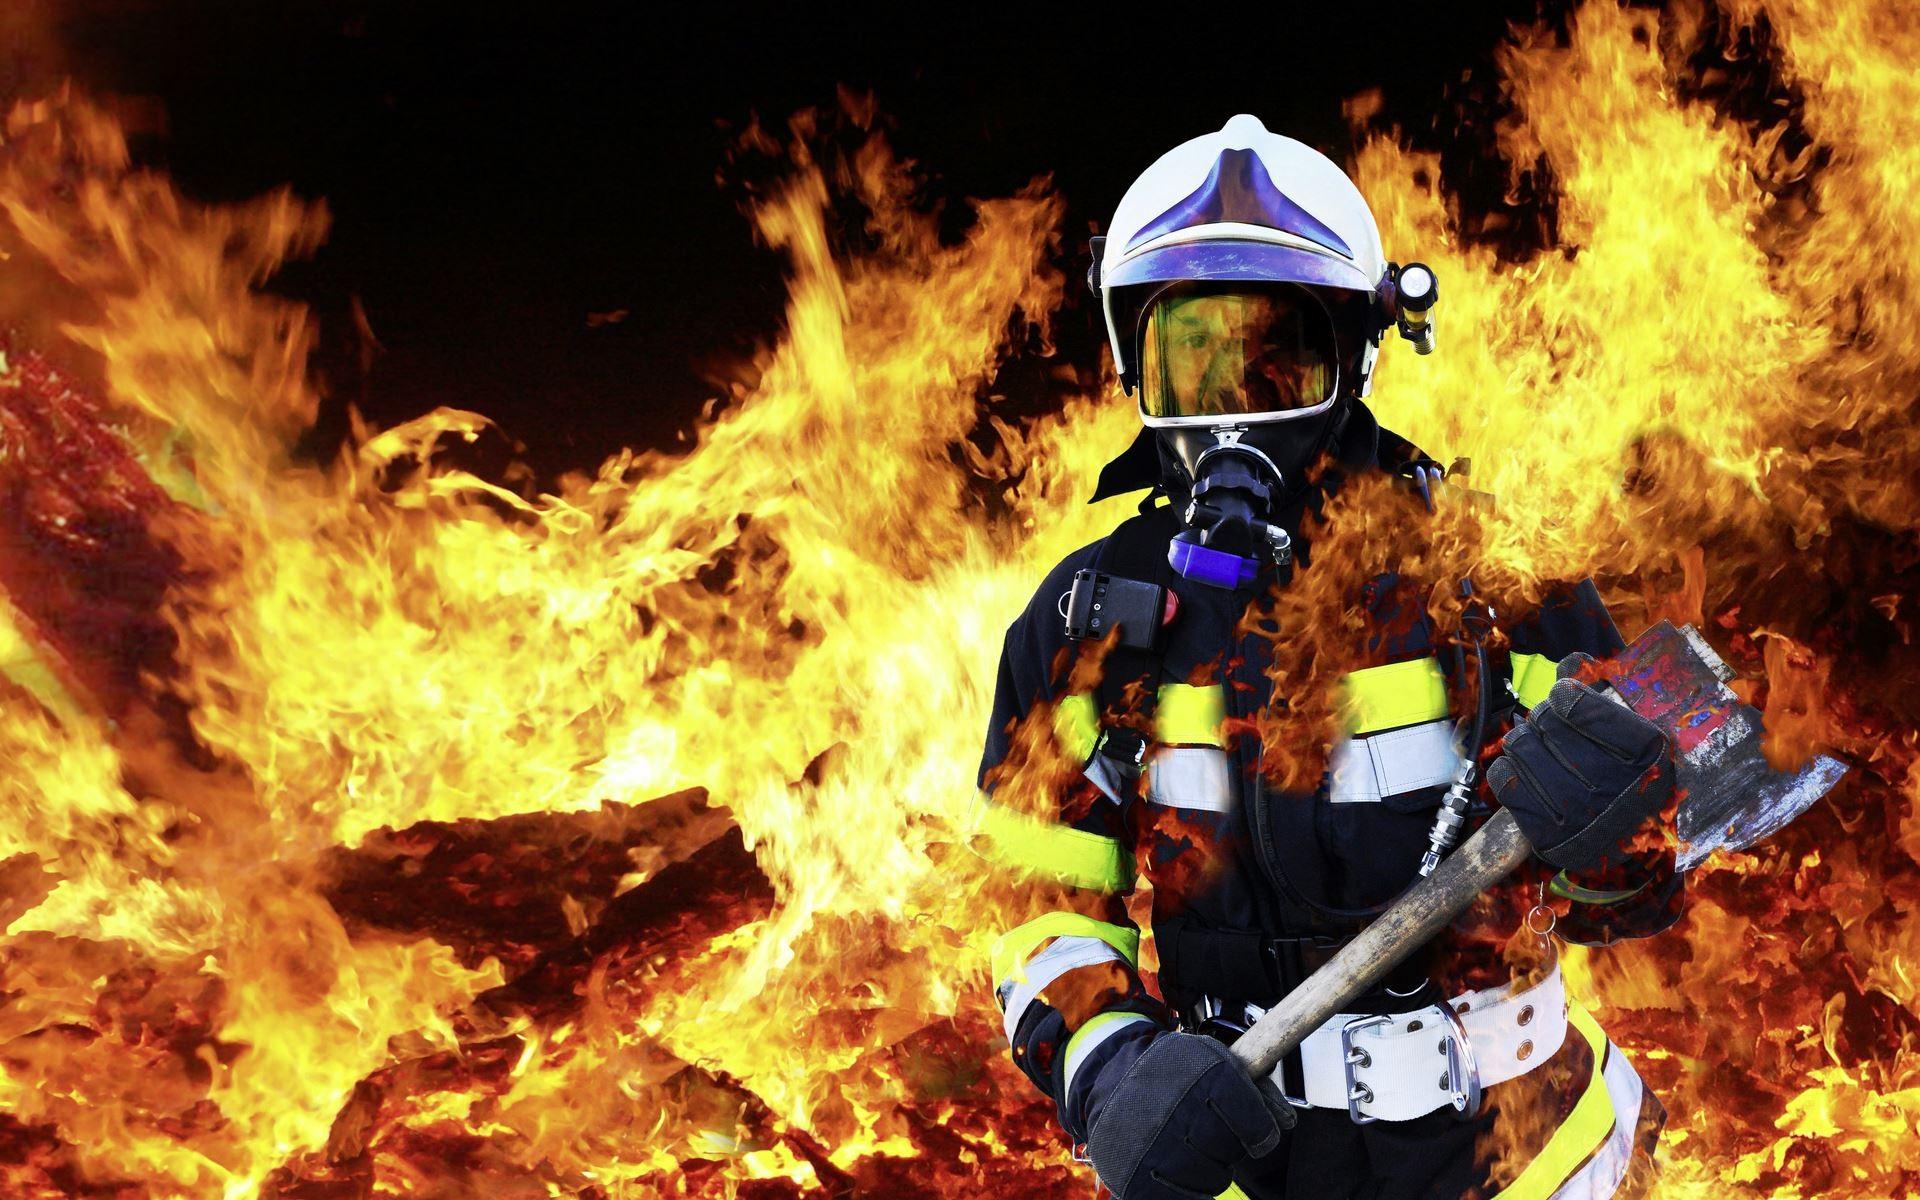 Пожарная охрана красивые картинки, маме картинки